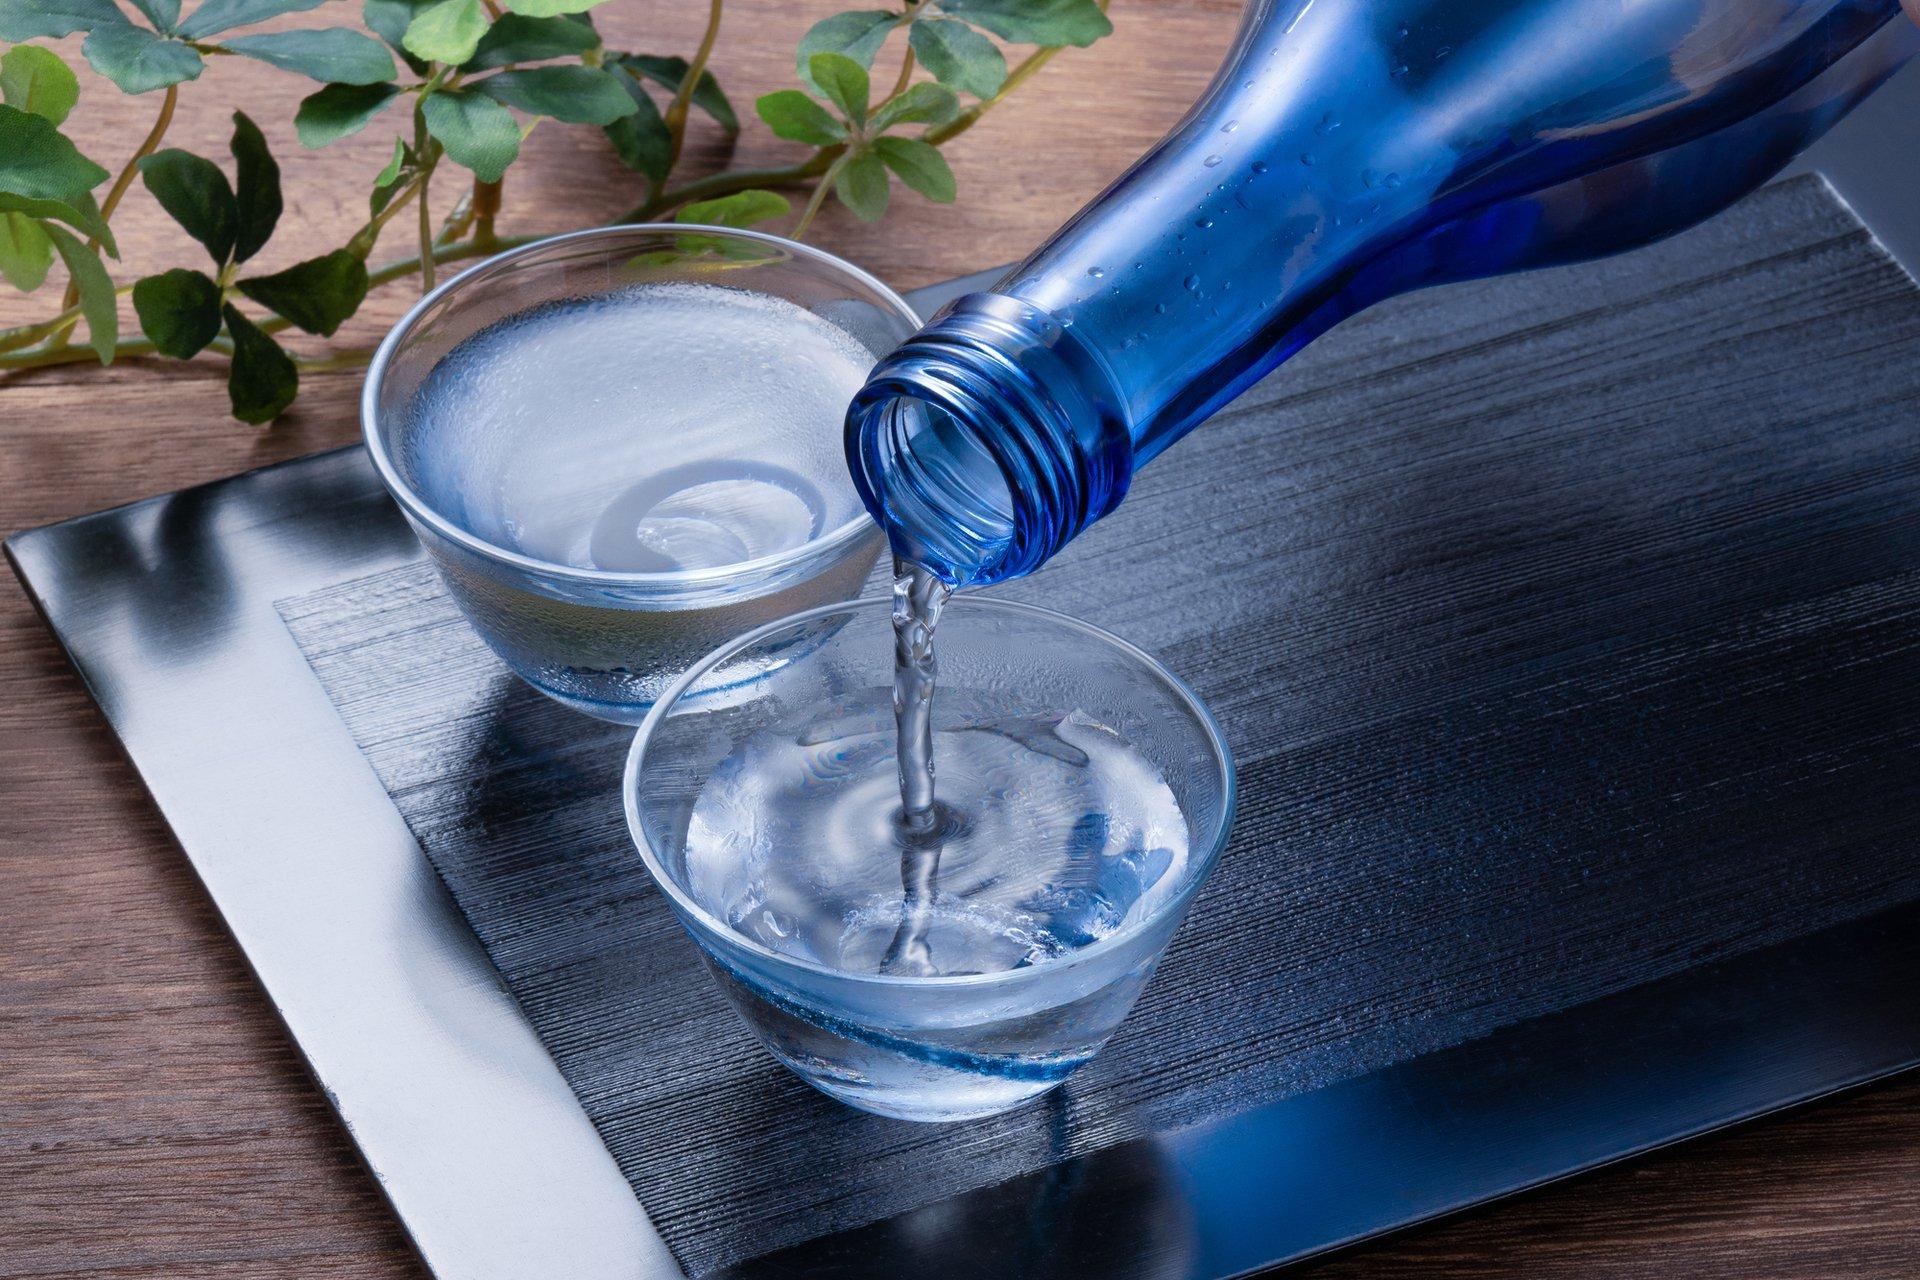 日本酒の種類「吟醸酒」「純米酒」「本醸造酒」の違いとは?それぞれの魅力を解説